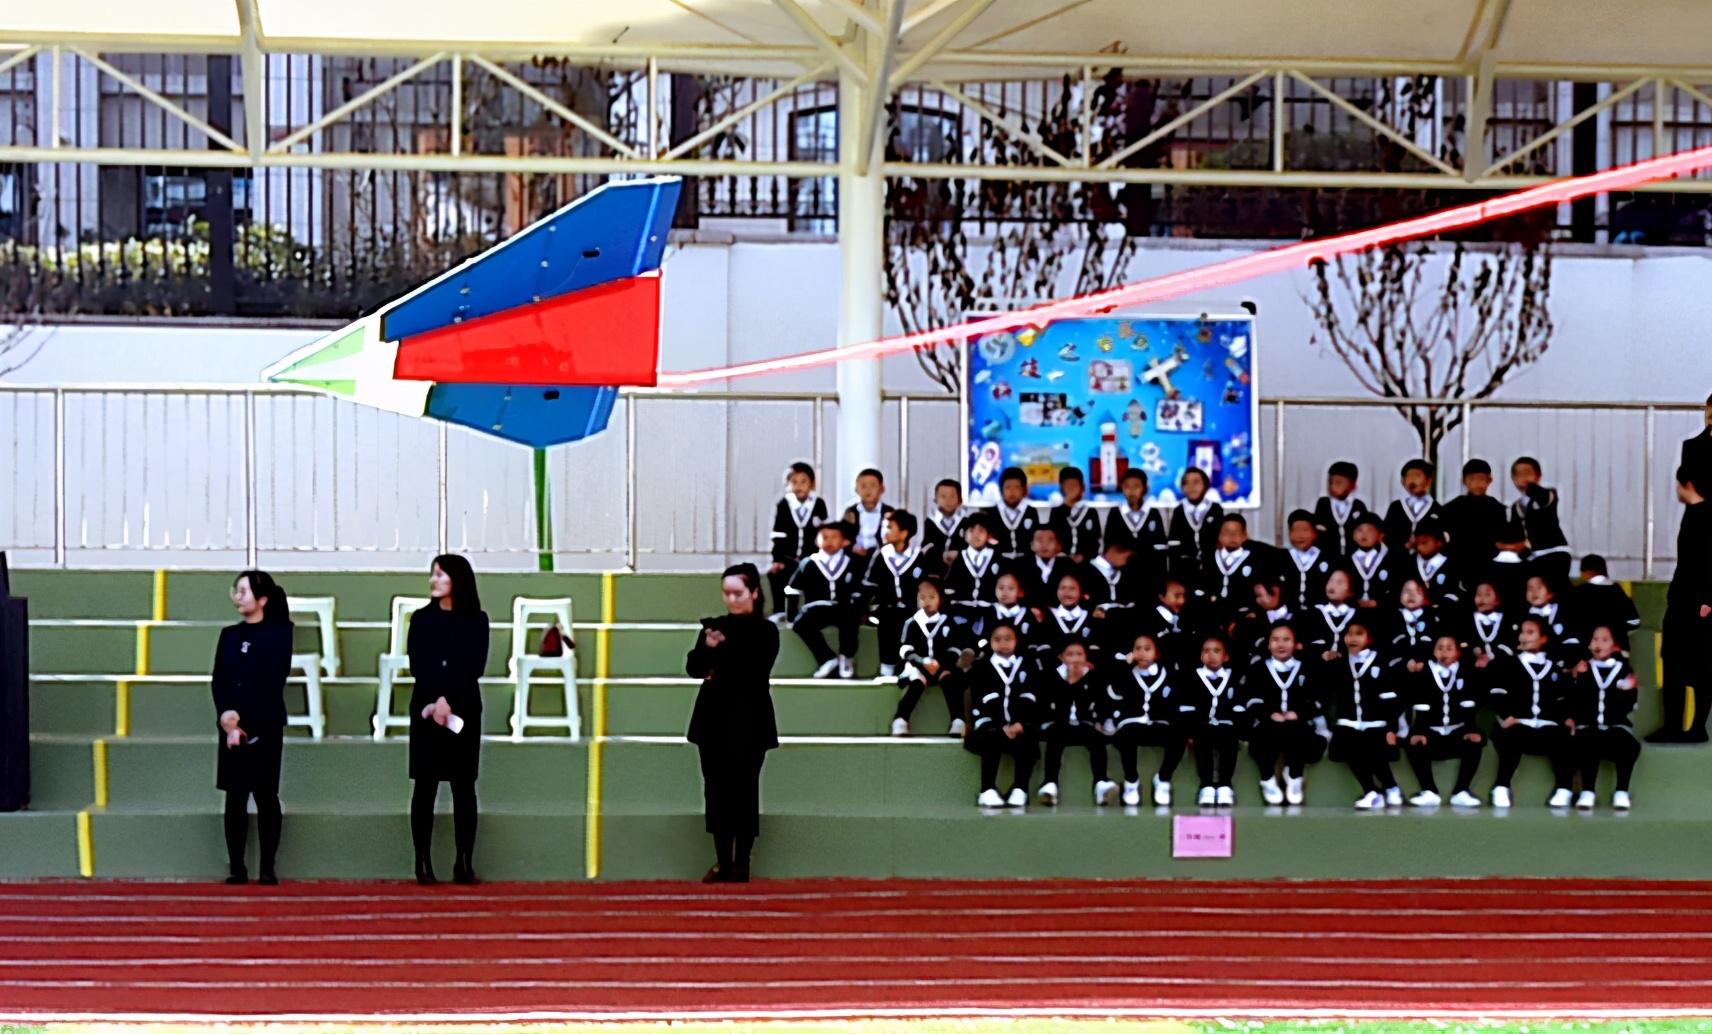 浐灞实验小学首届校园科技节开幕